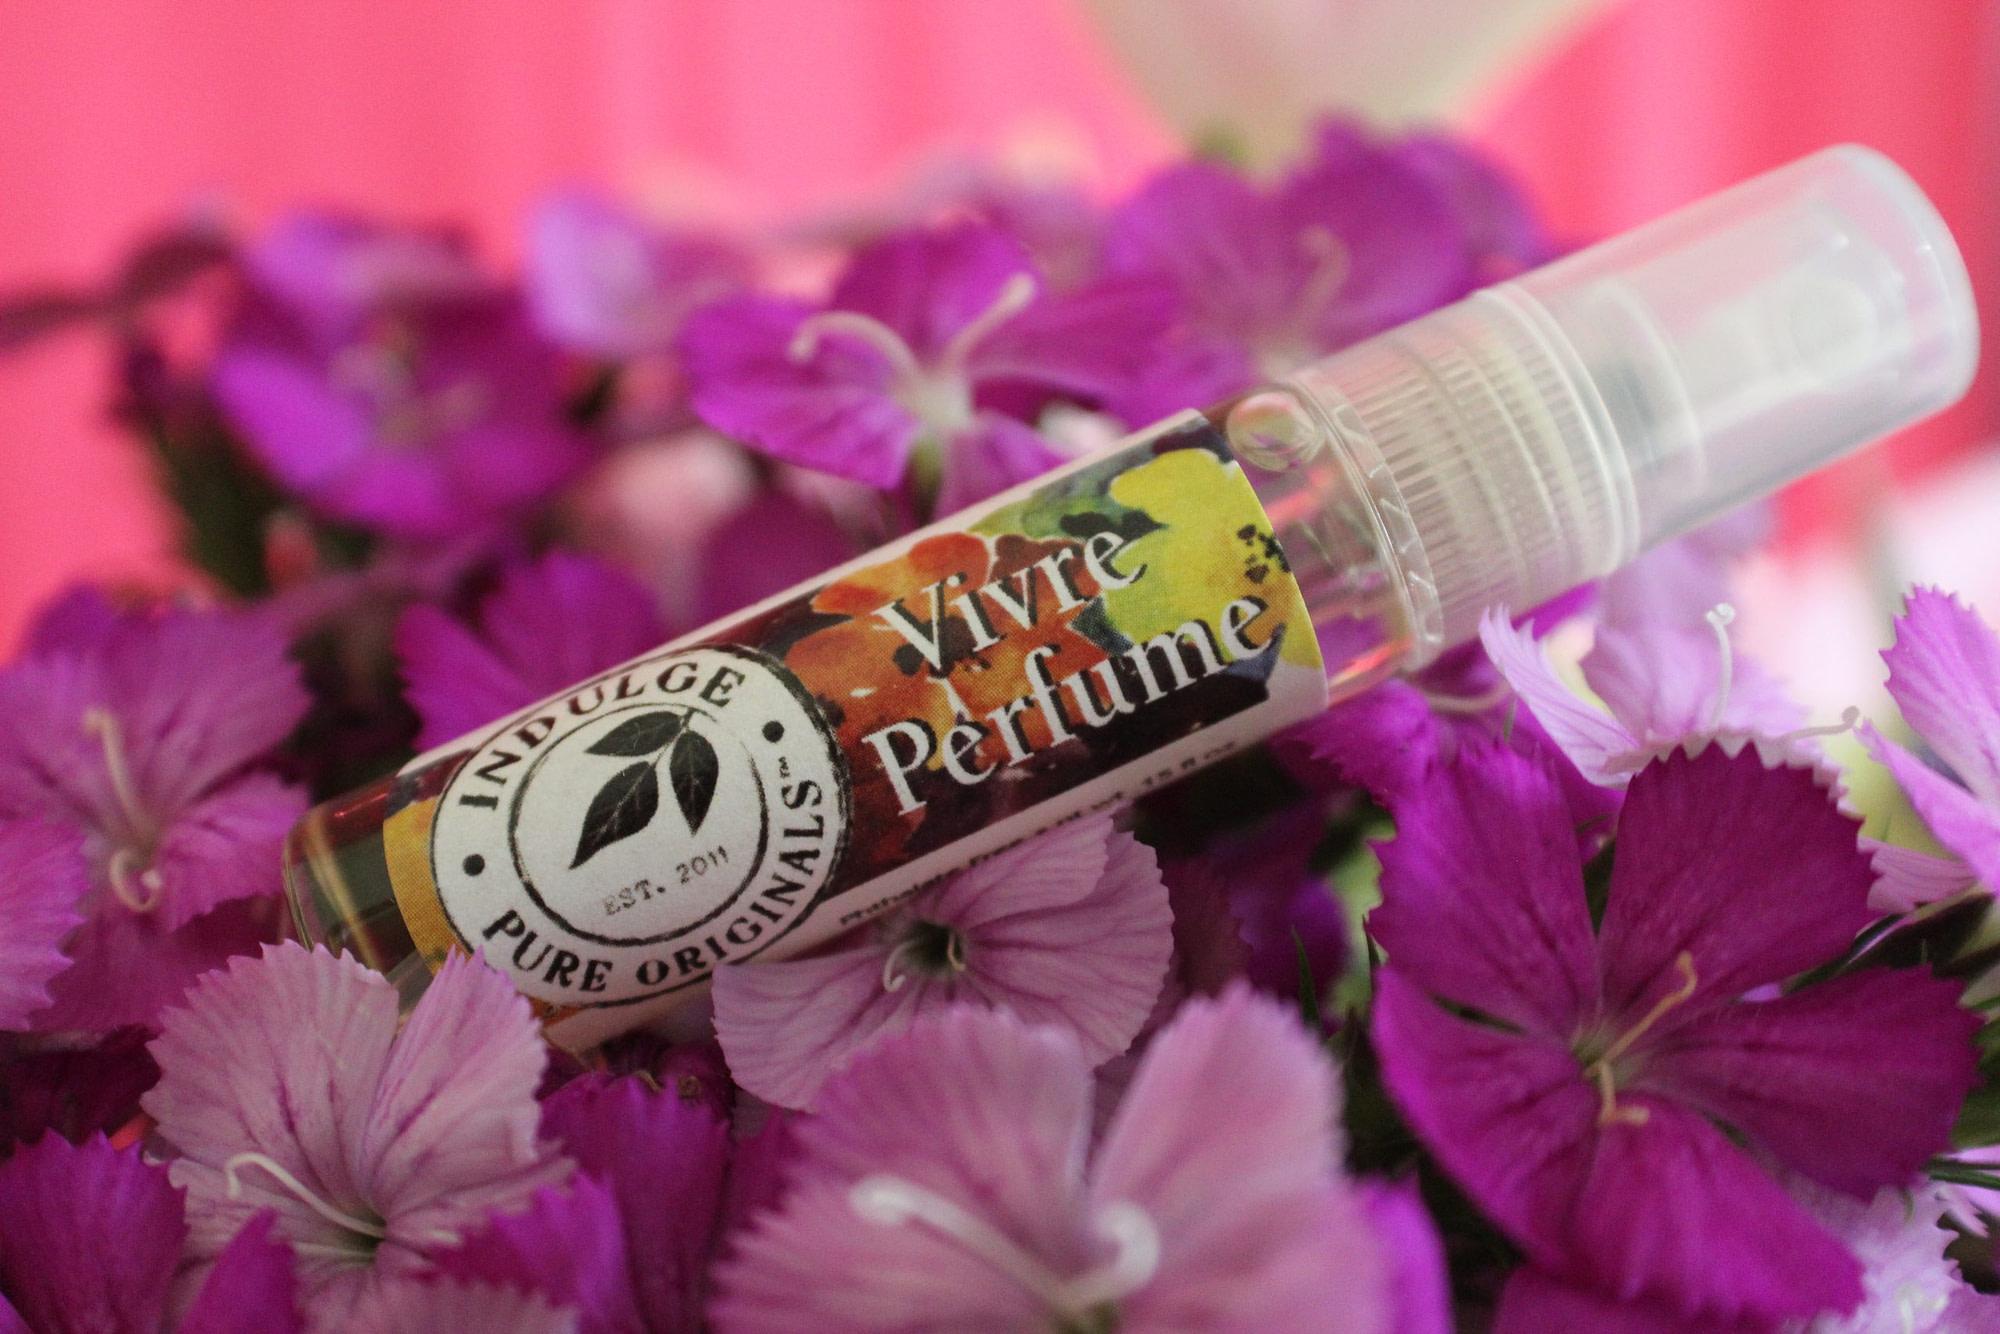 Vivre Perfume .15 oz